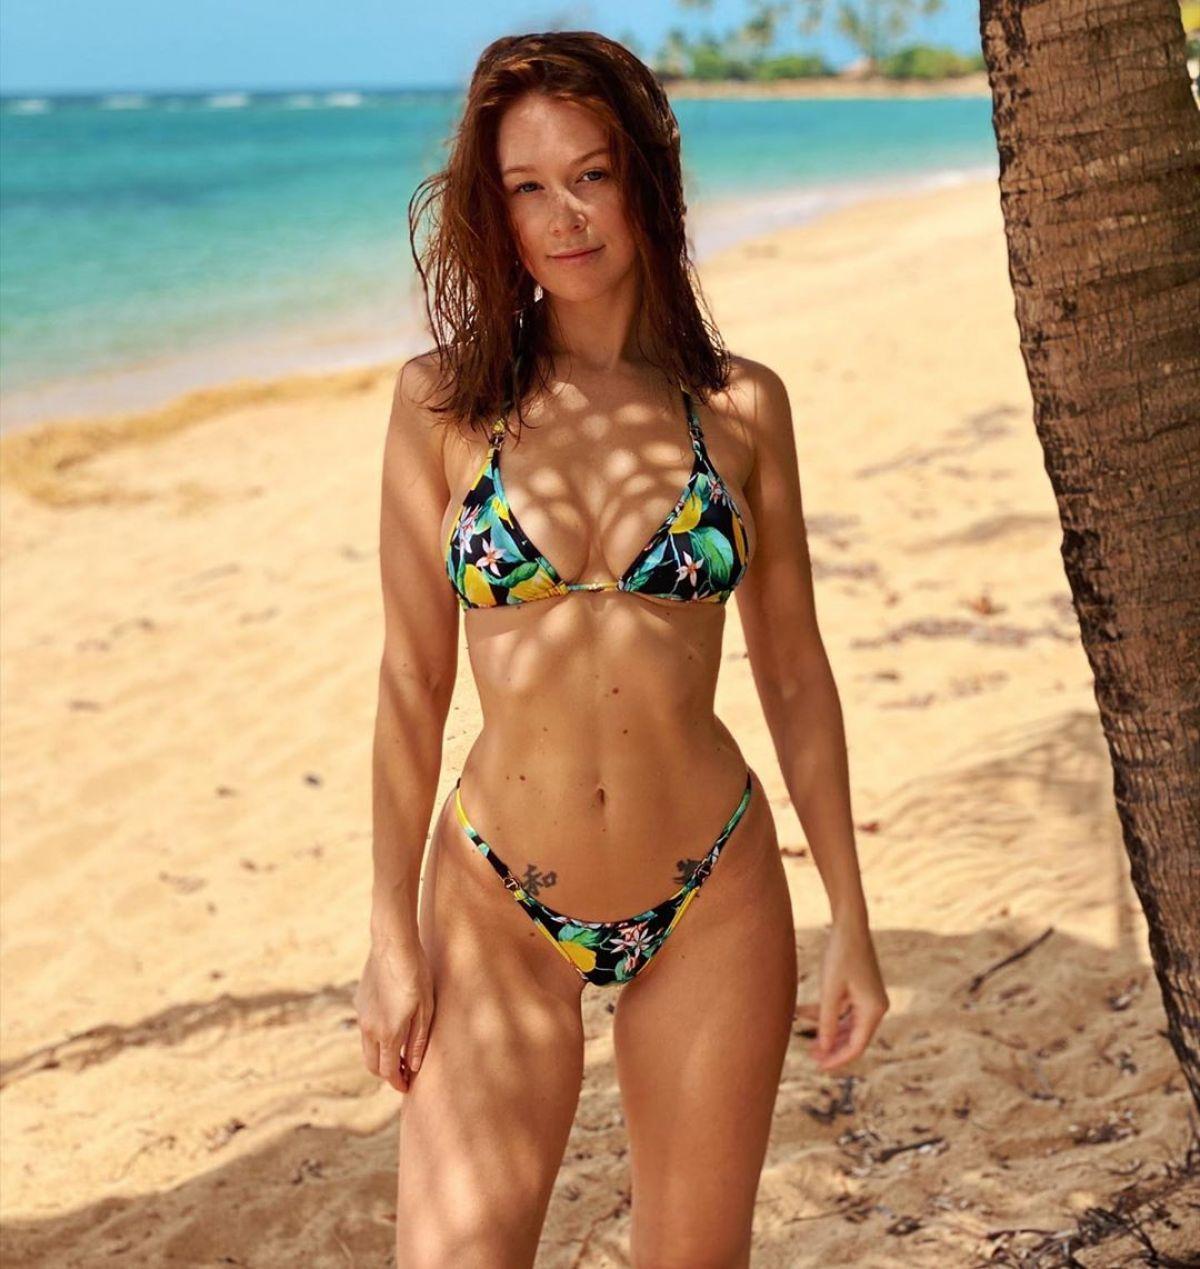 LEANNA DECKER in Bikini at Beach - Instagram Photos 08/05